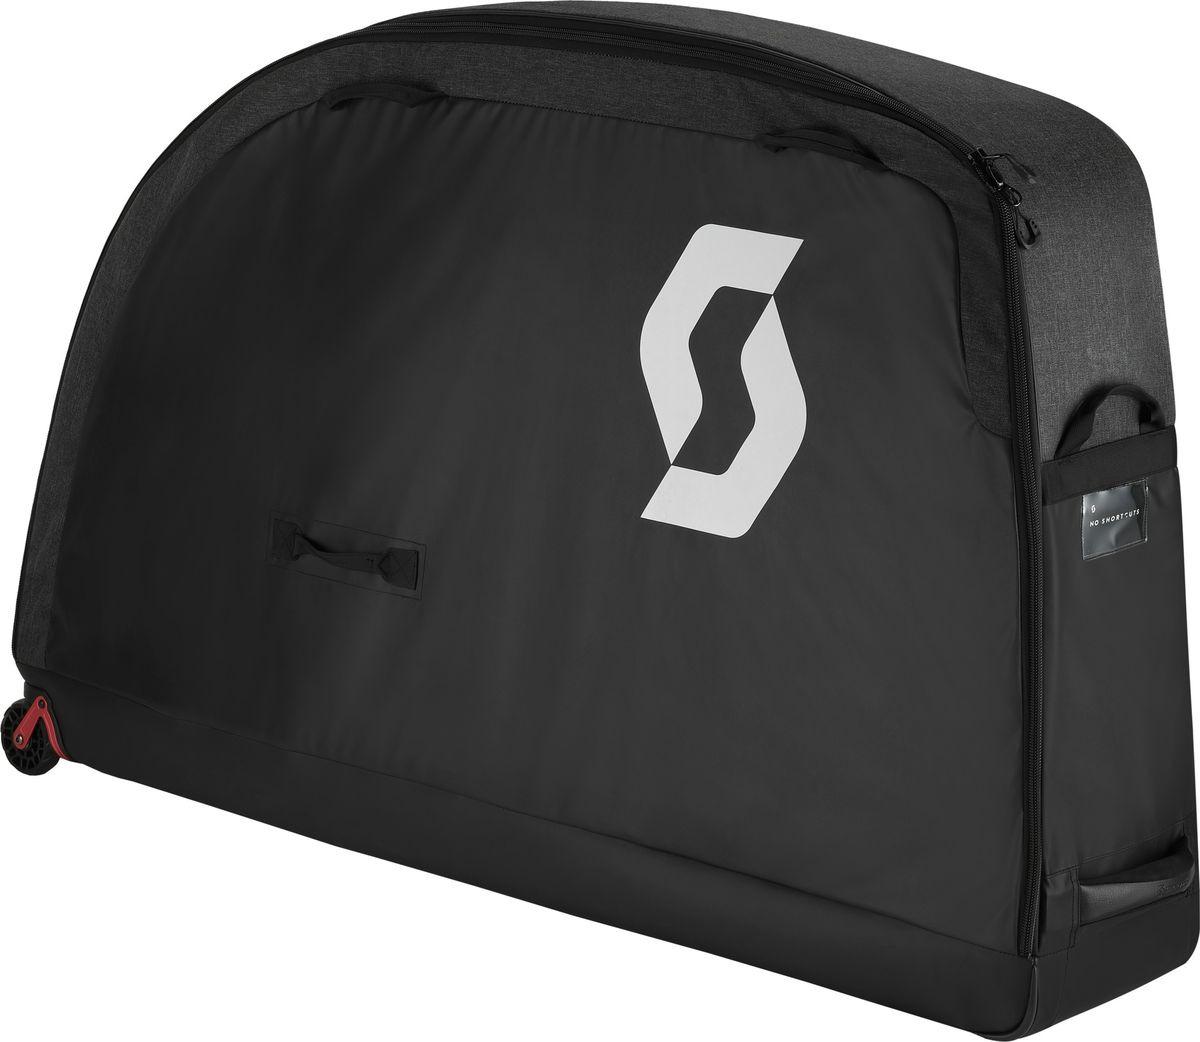 Чехол для велосипеда Scott Premium 2.0, 264507-0001, черный